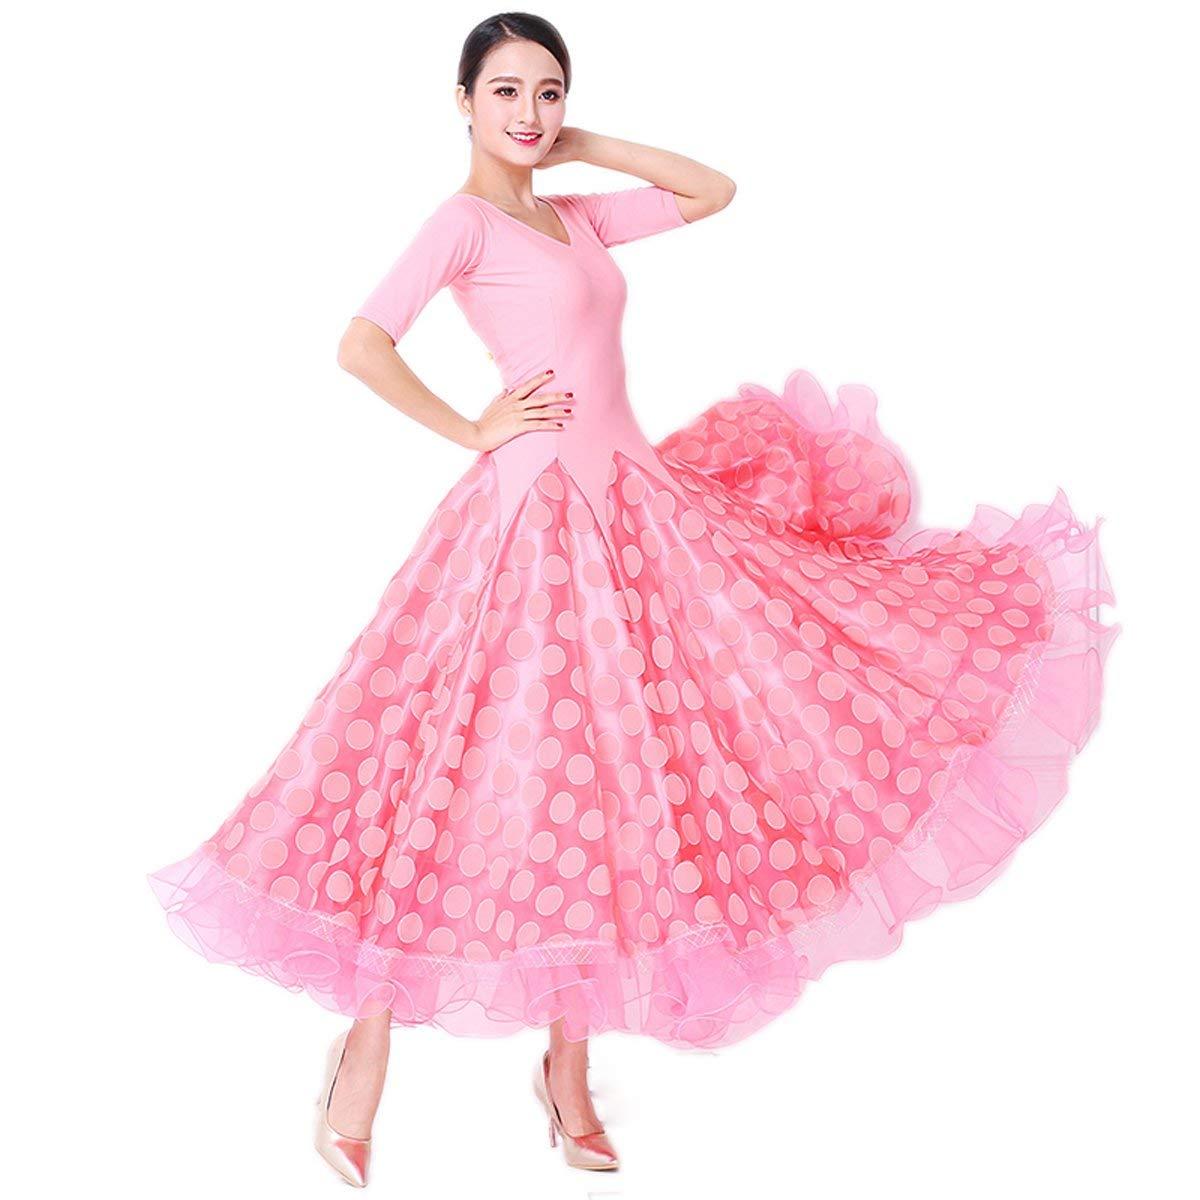 【安心発送】 garuda B07P7PJXL6 レディース社交ダンス衣装 ダンス高級ダンスドレス 競技ワンピース サイズオーダー対応 ピンク ピンク B07P7PJXL6 ピンク,Small ピンク,Small, ファイン パーツ ジャパン:f03af5e6 --- a0267596.xsph.ru